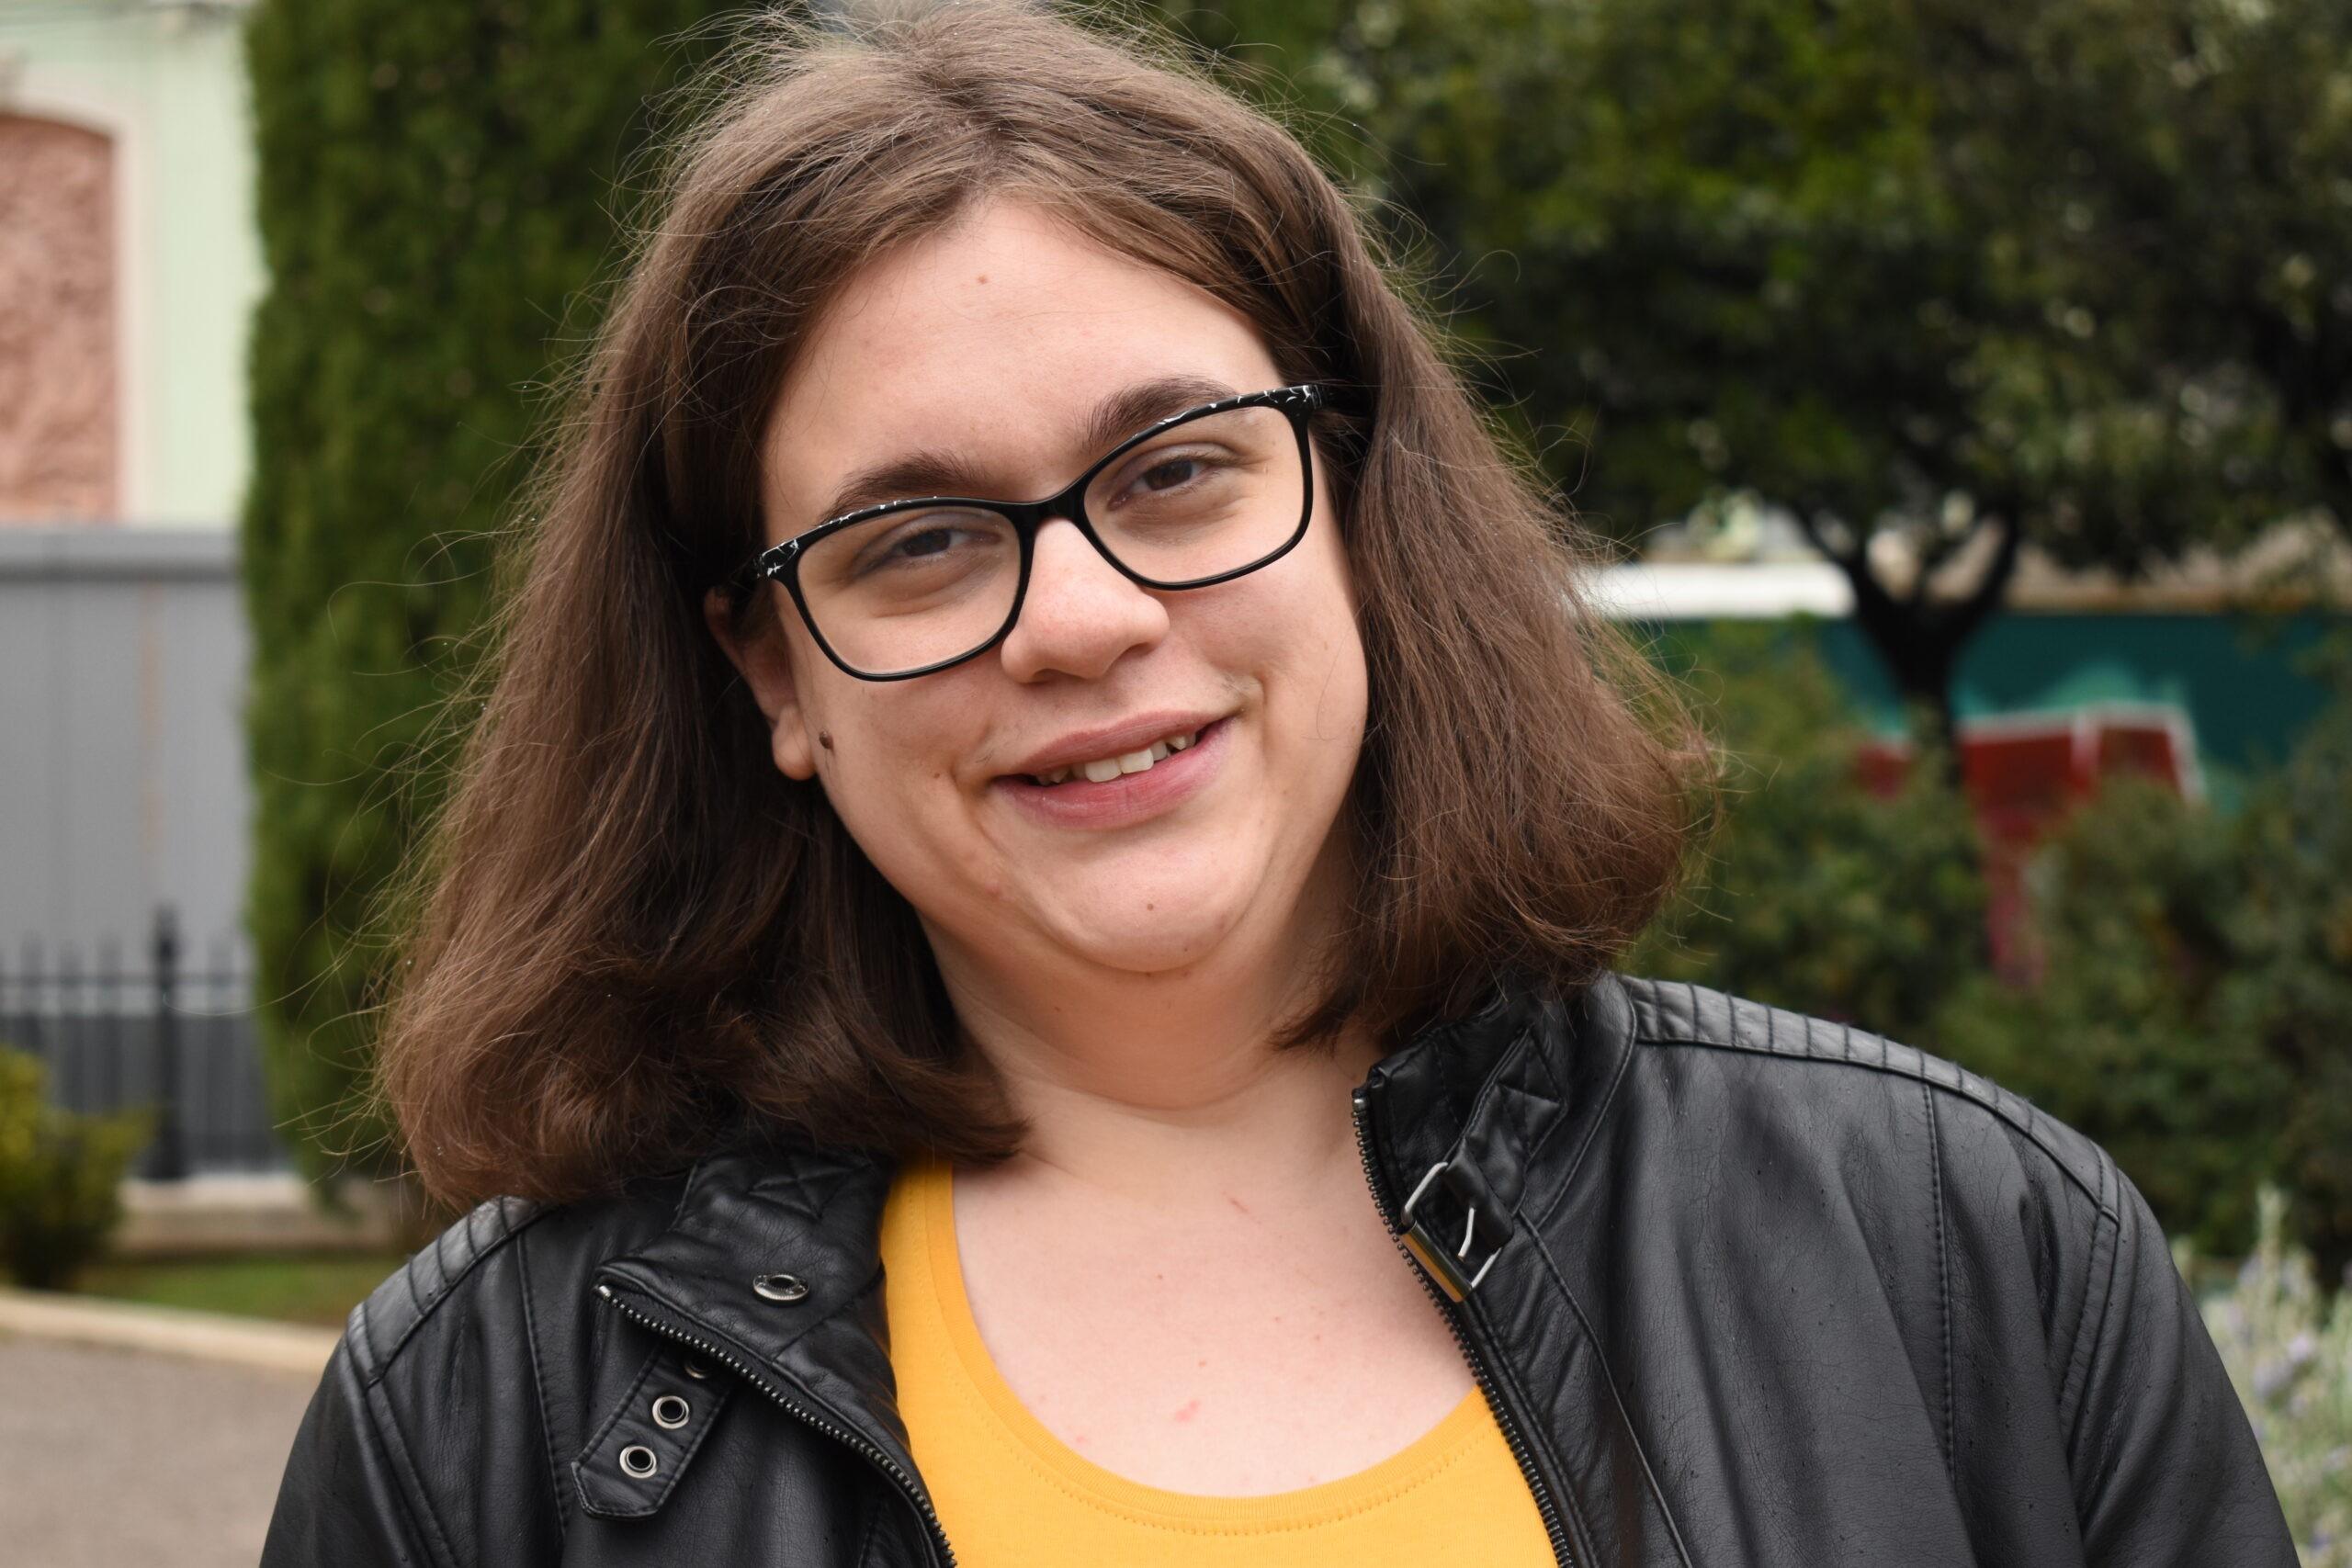 KARLA (29) Već dugi niz godina dio je plesne grupe Magija. Obožava ples i putovanja. Da se nju pita, svaki dan bi bila u nekom drugom gradu.Ono što Karla nikako ne voli jest nepravda.